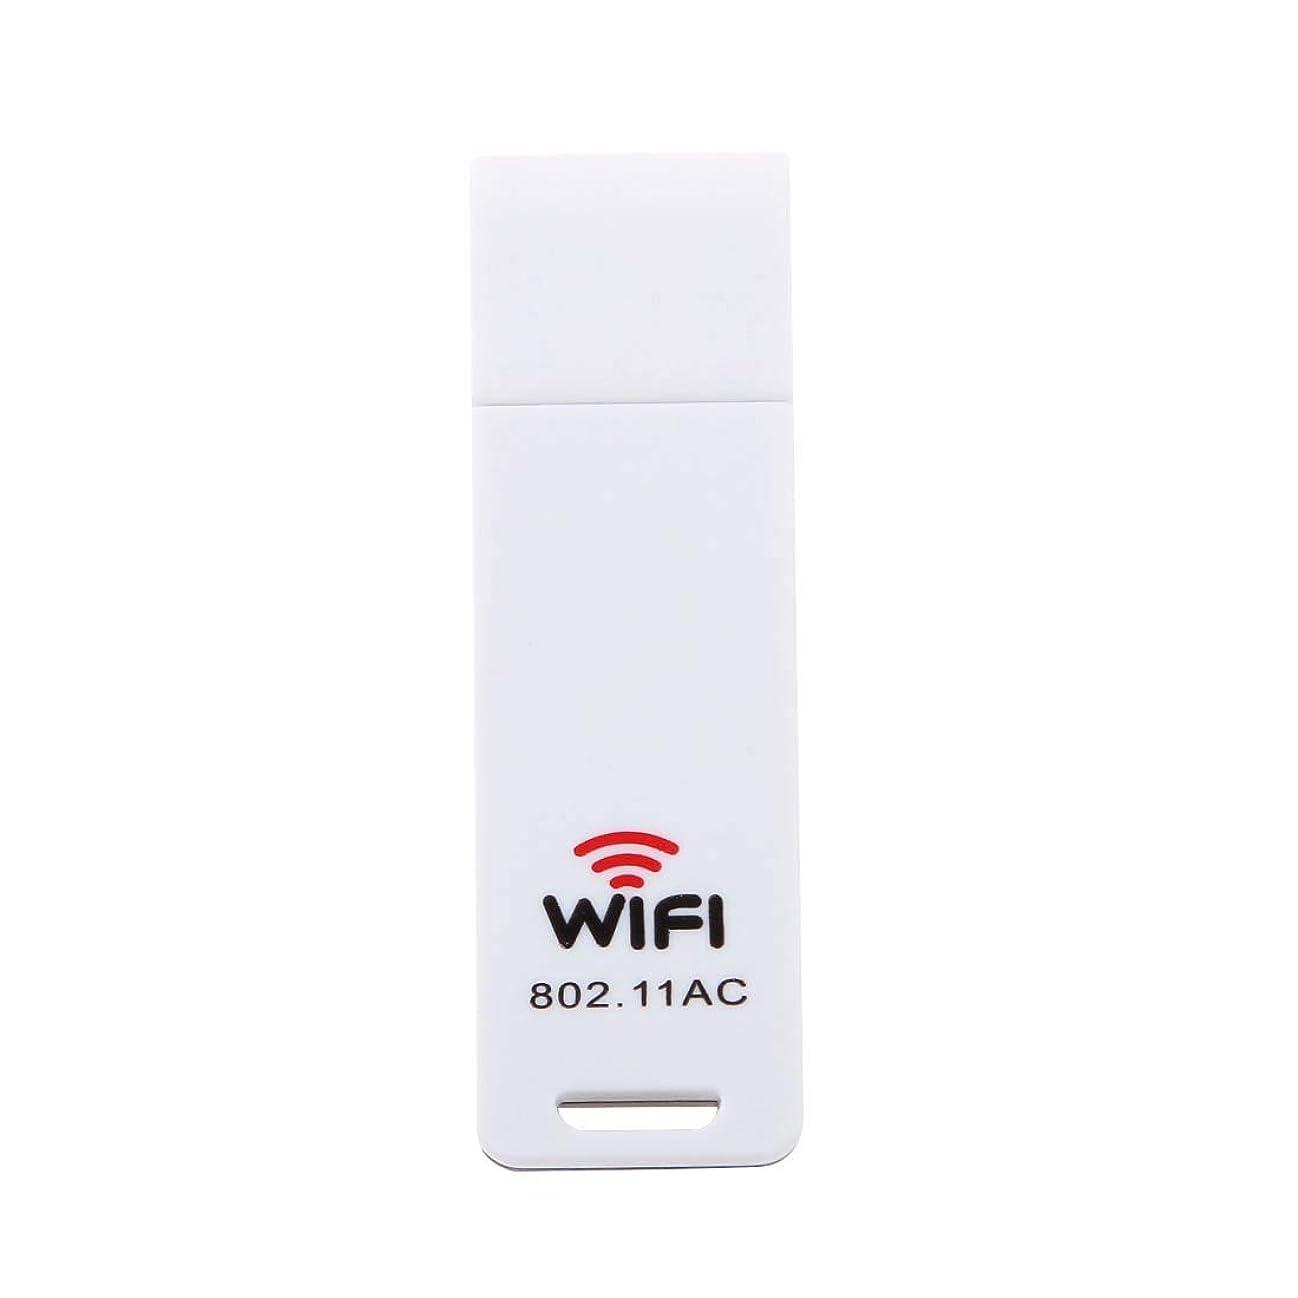 乳製品想像力豊かな銀河YCDZ STORE USBネットワークアダプタ 2.4GHz / 5GHzデュアルバンド対応802.11ac USB WiFiワイヤレスアダプタ